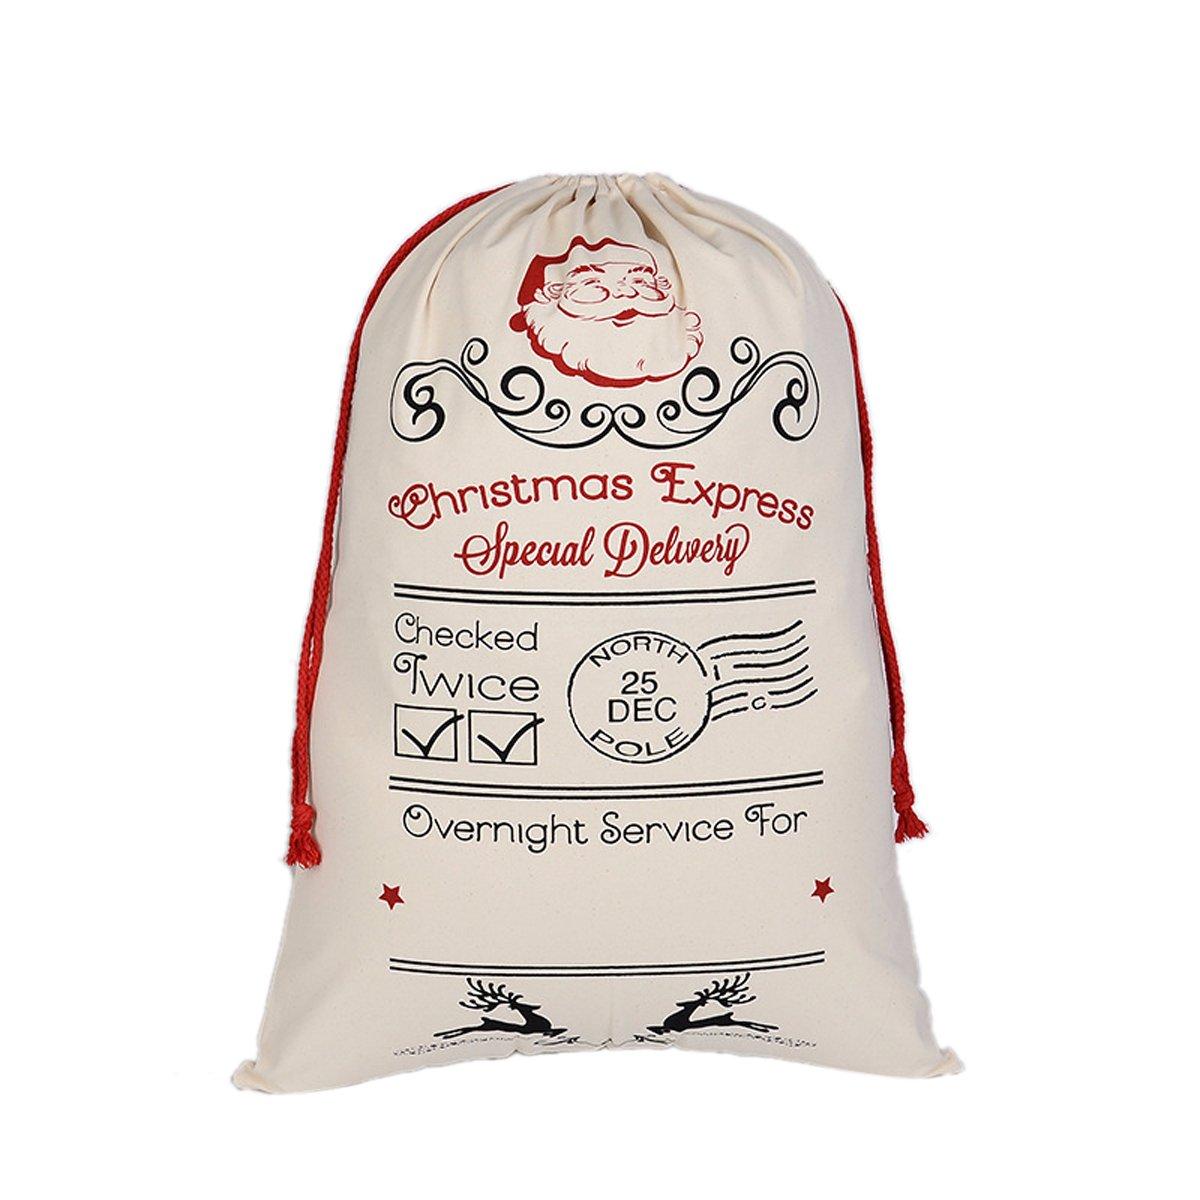 AOLOSHOW Personalized Santa Sack Custom Any My Name Cotton Large Name Holiday Presents XM01024AMUS2HC36987542